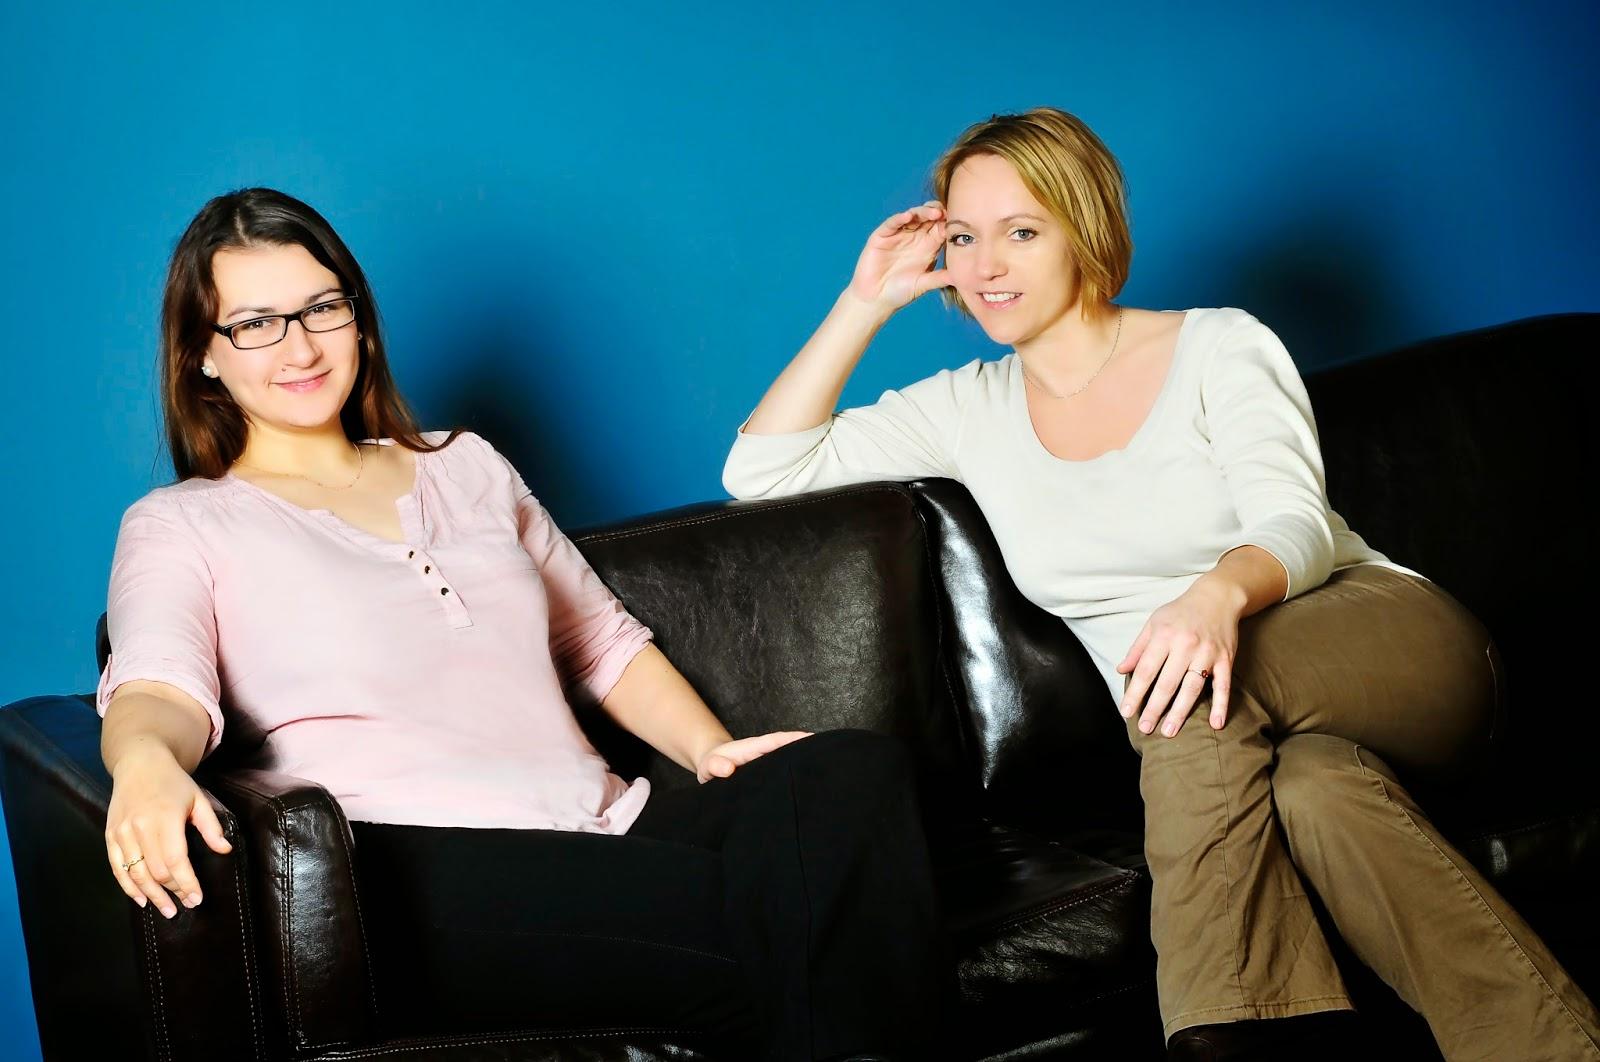 Ulrike Loth und Inga Sarrazin sitzen gemeinsam auf einer schwarzen Couch und lächeln freundlich in die Kamera.